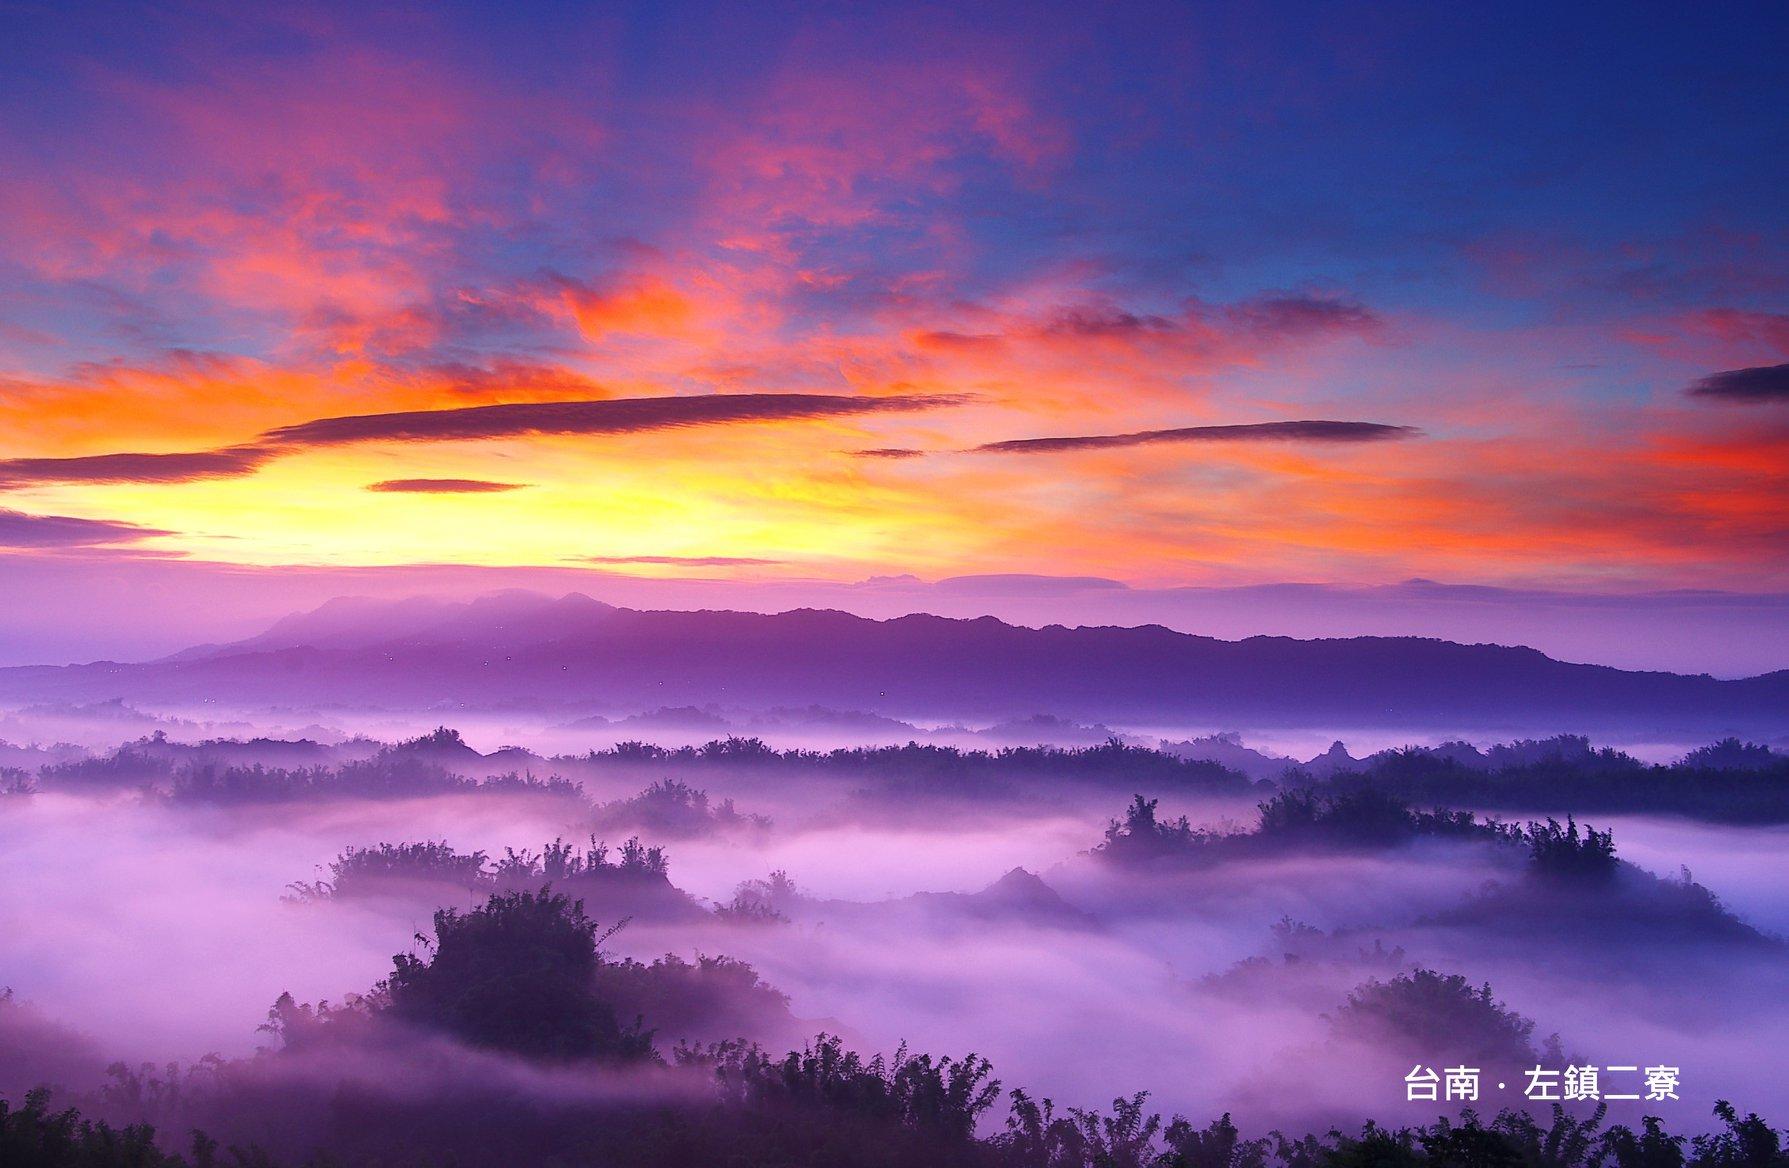 (圖片來源:西拉雅國家風景區FB)